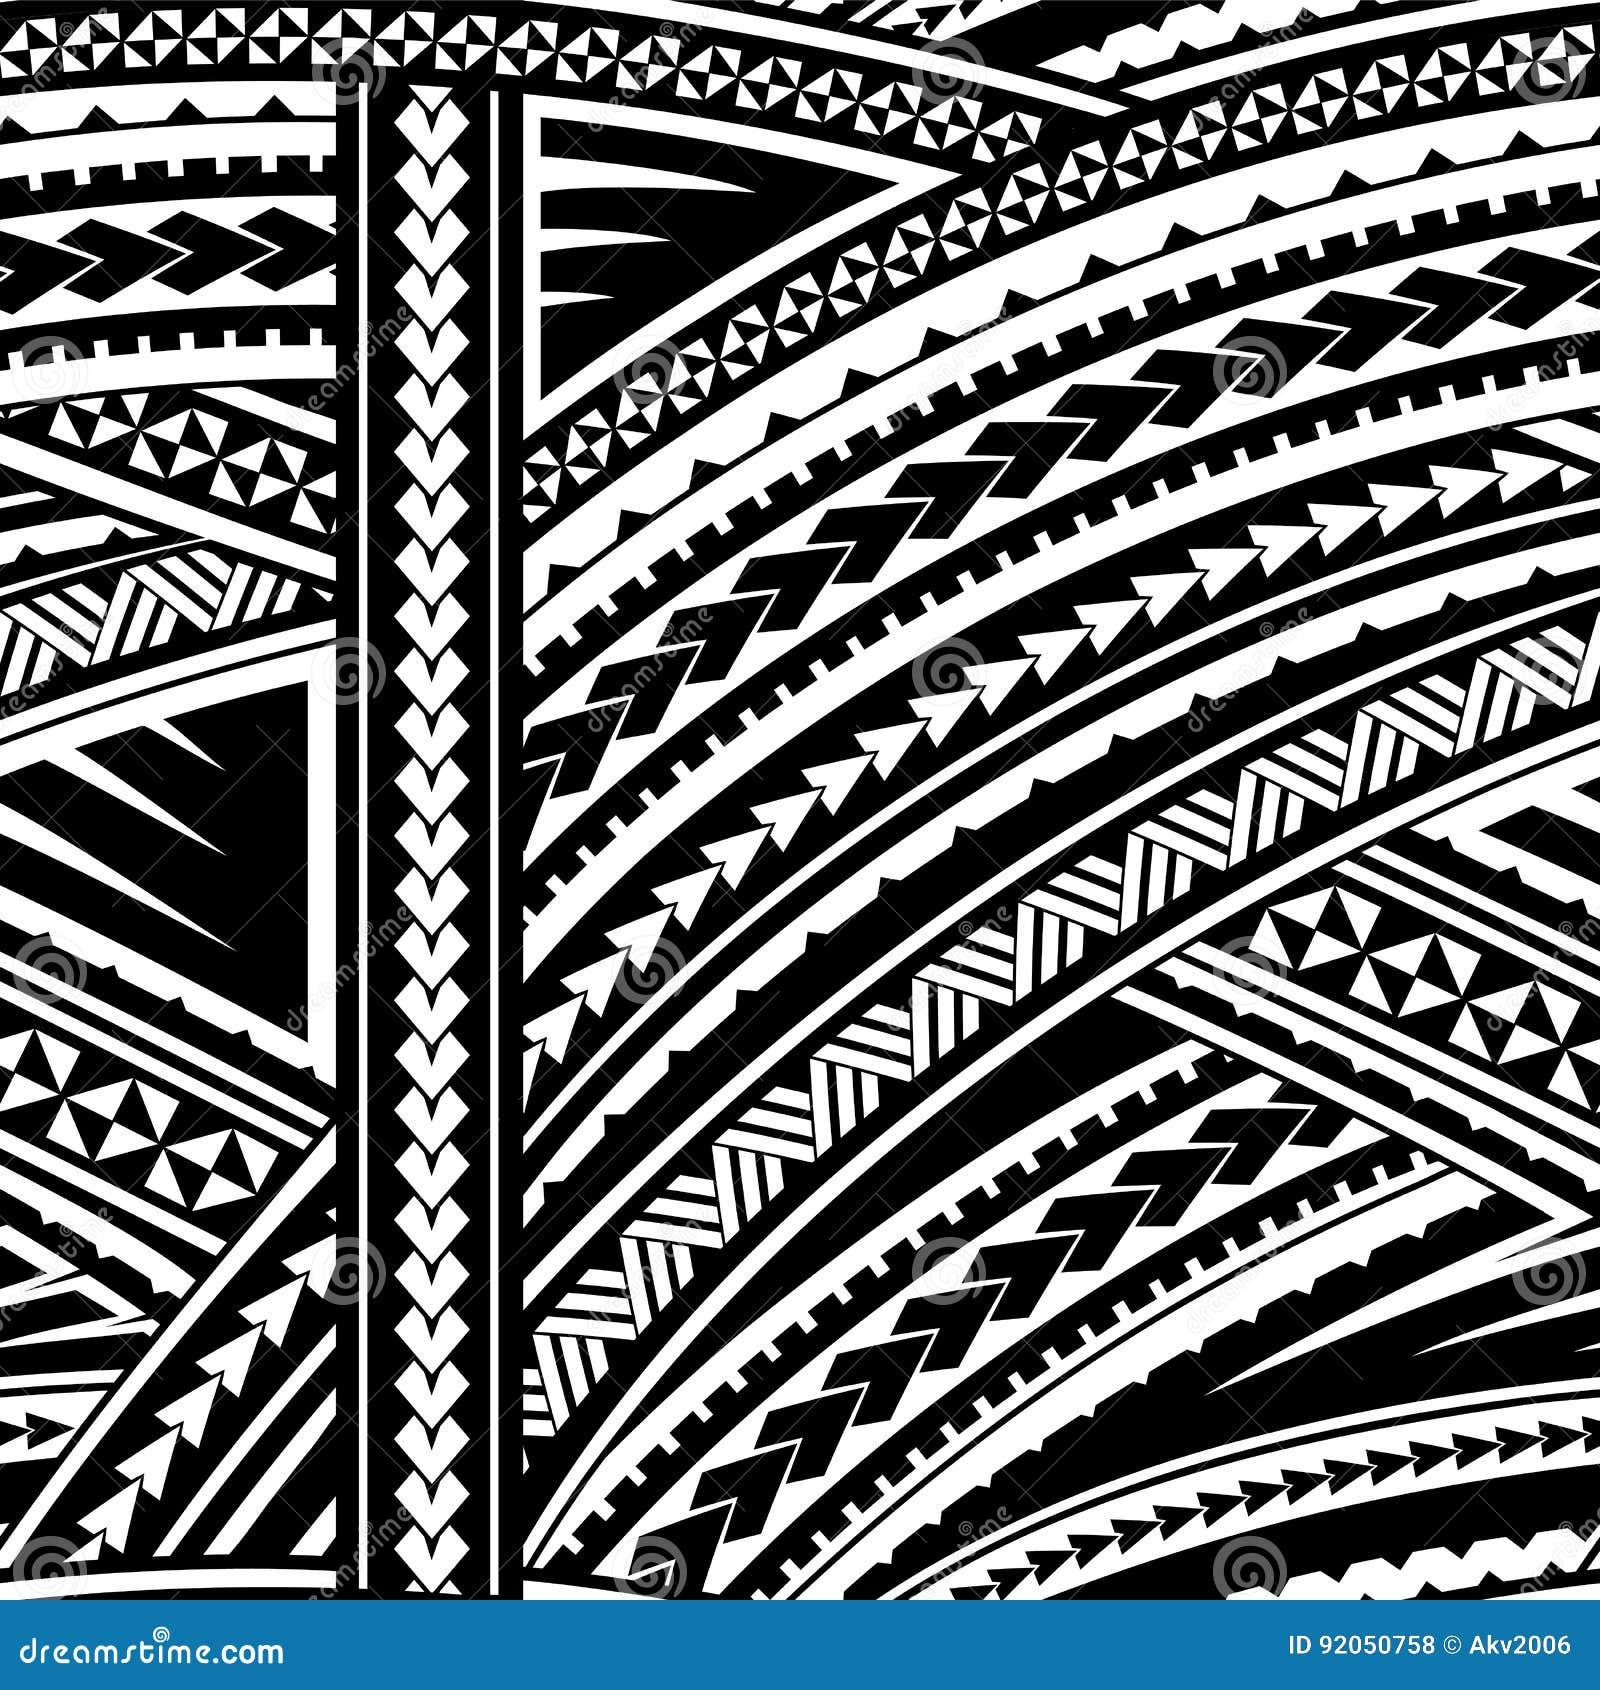 e3b9990945249 Maori style ornament stock vector. Illustration of ornamental - 92050758